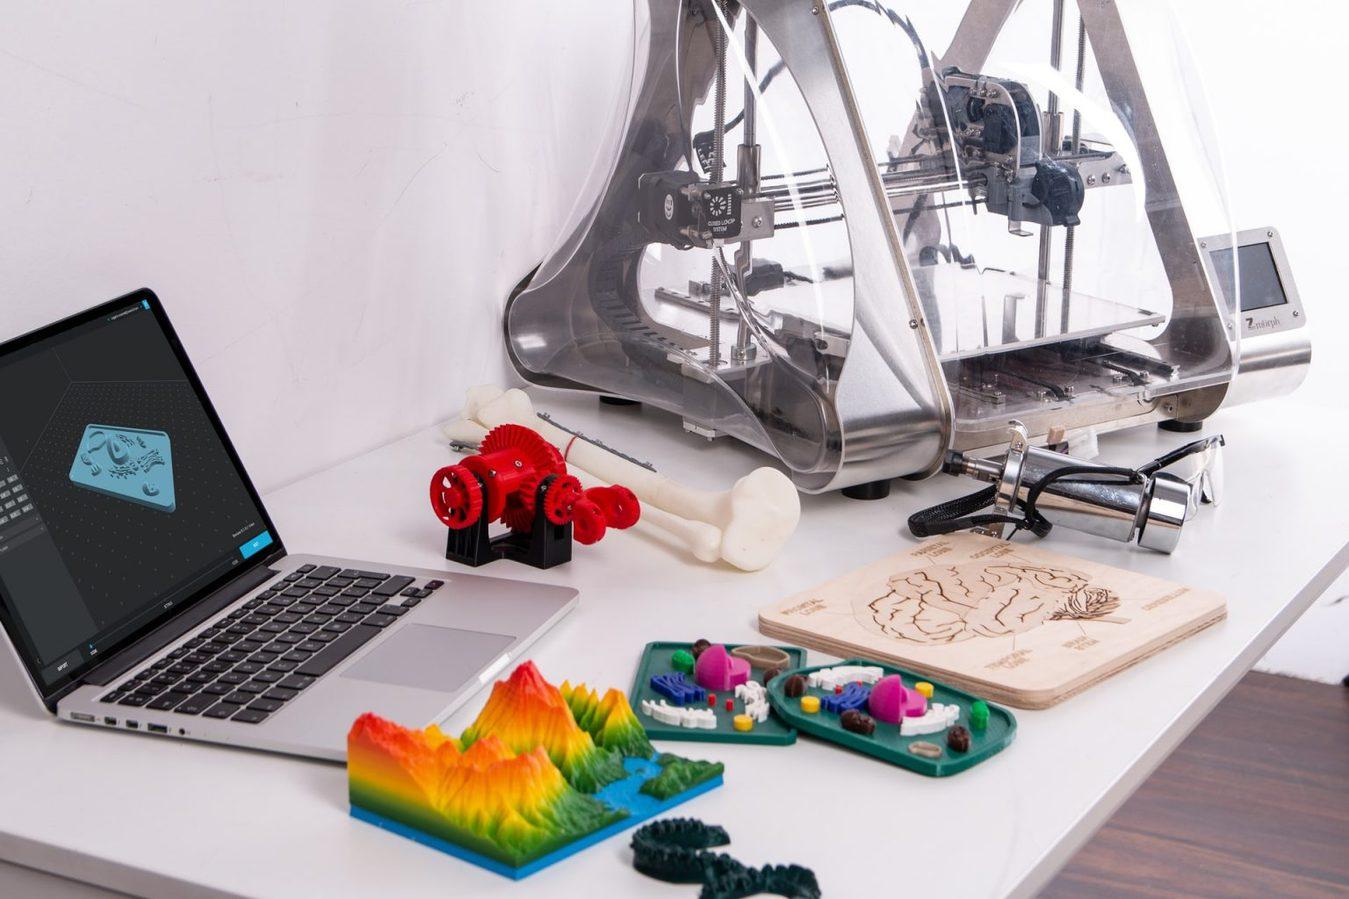 ý tưởng kinh doanh online: bán sản phẩm 3D